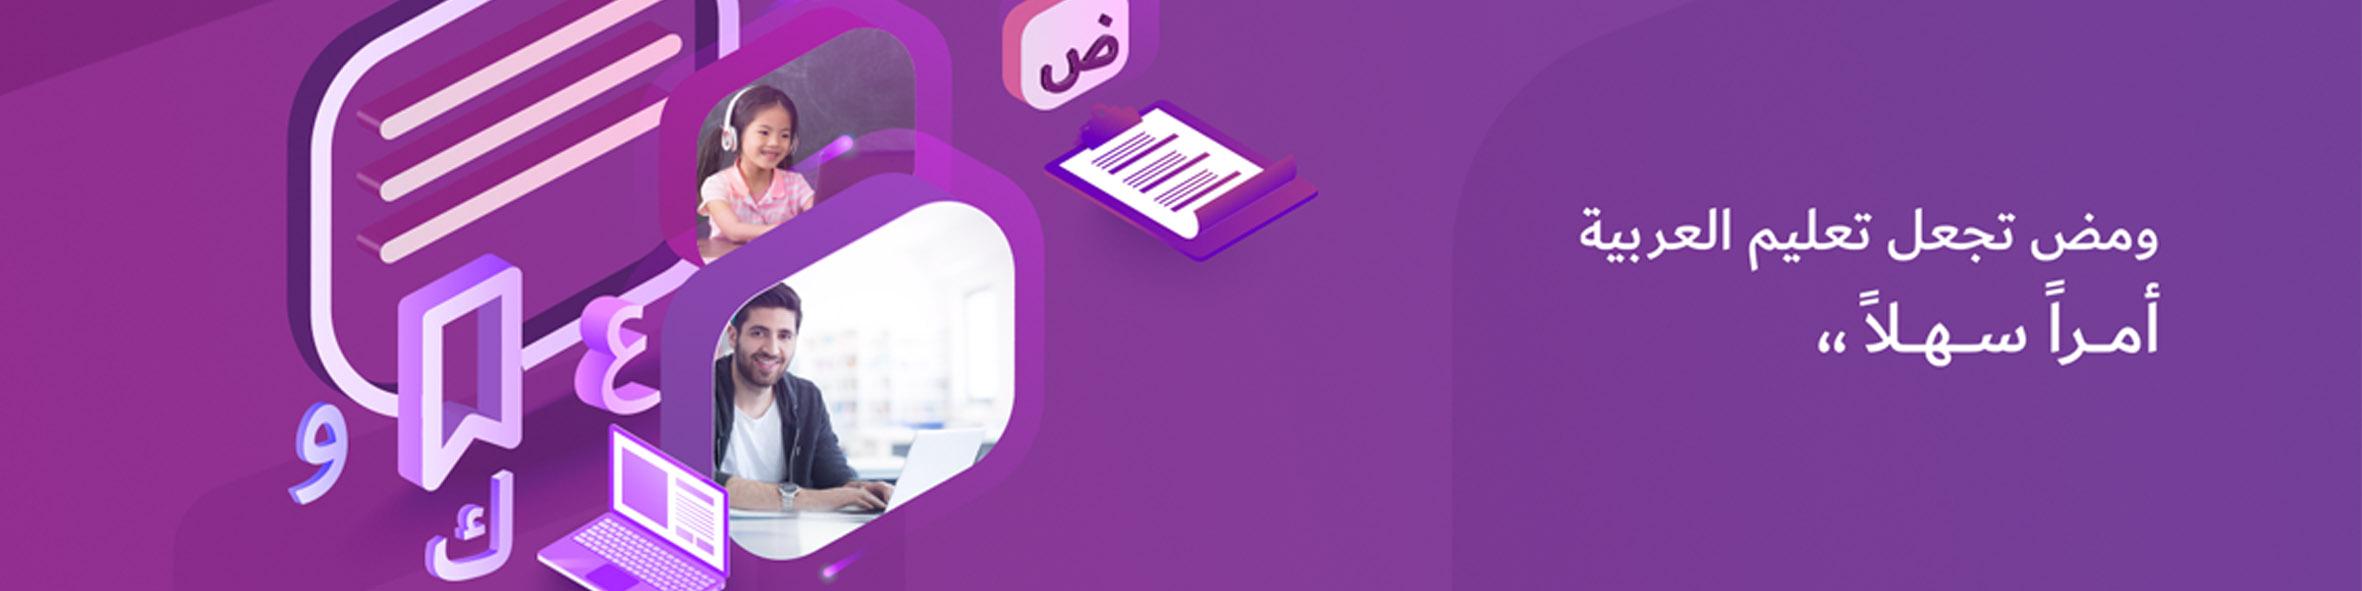 ومض لتعليم العربية